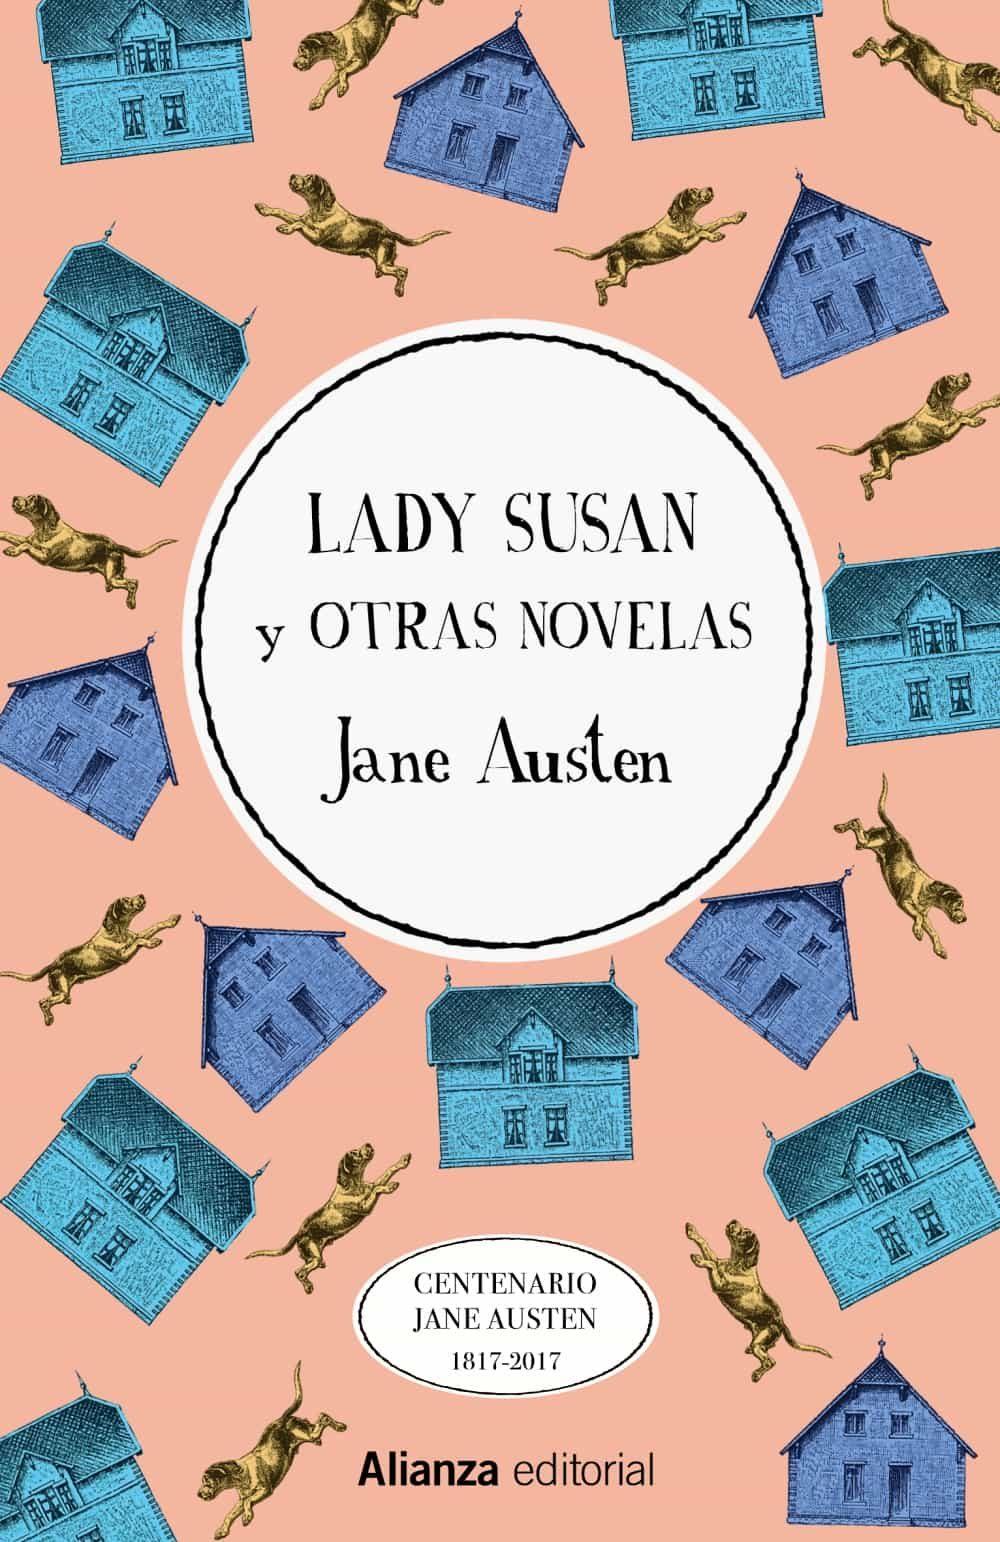 Lady Susan y otras novelas (13/20)